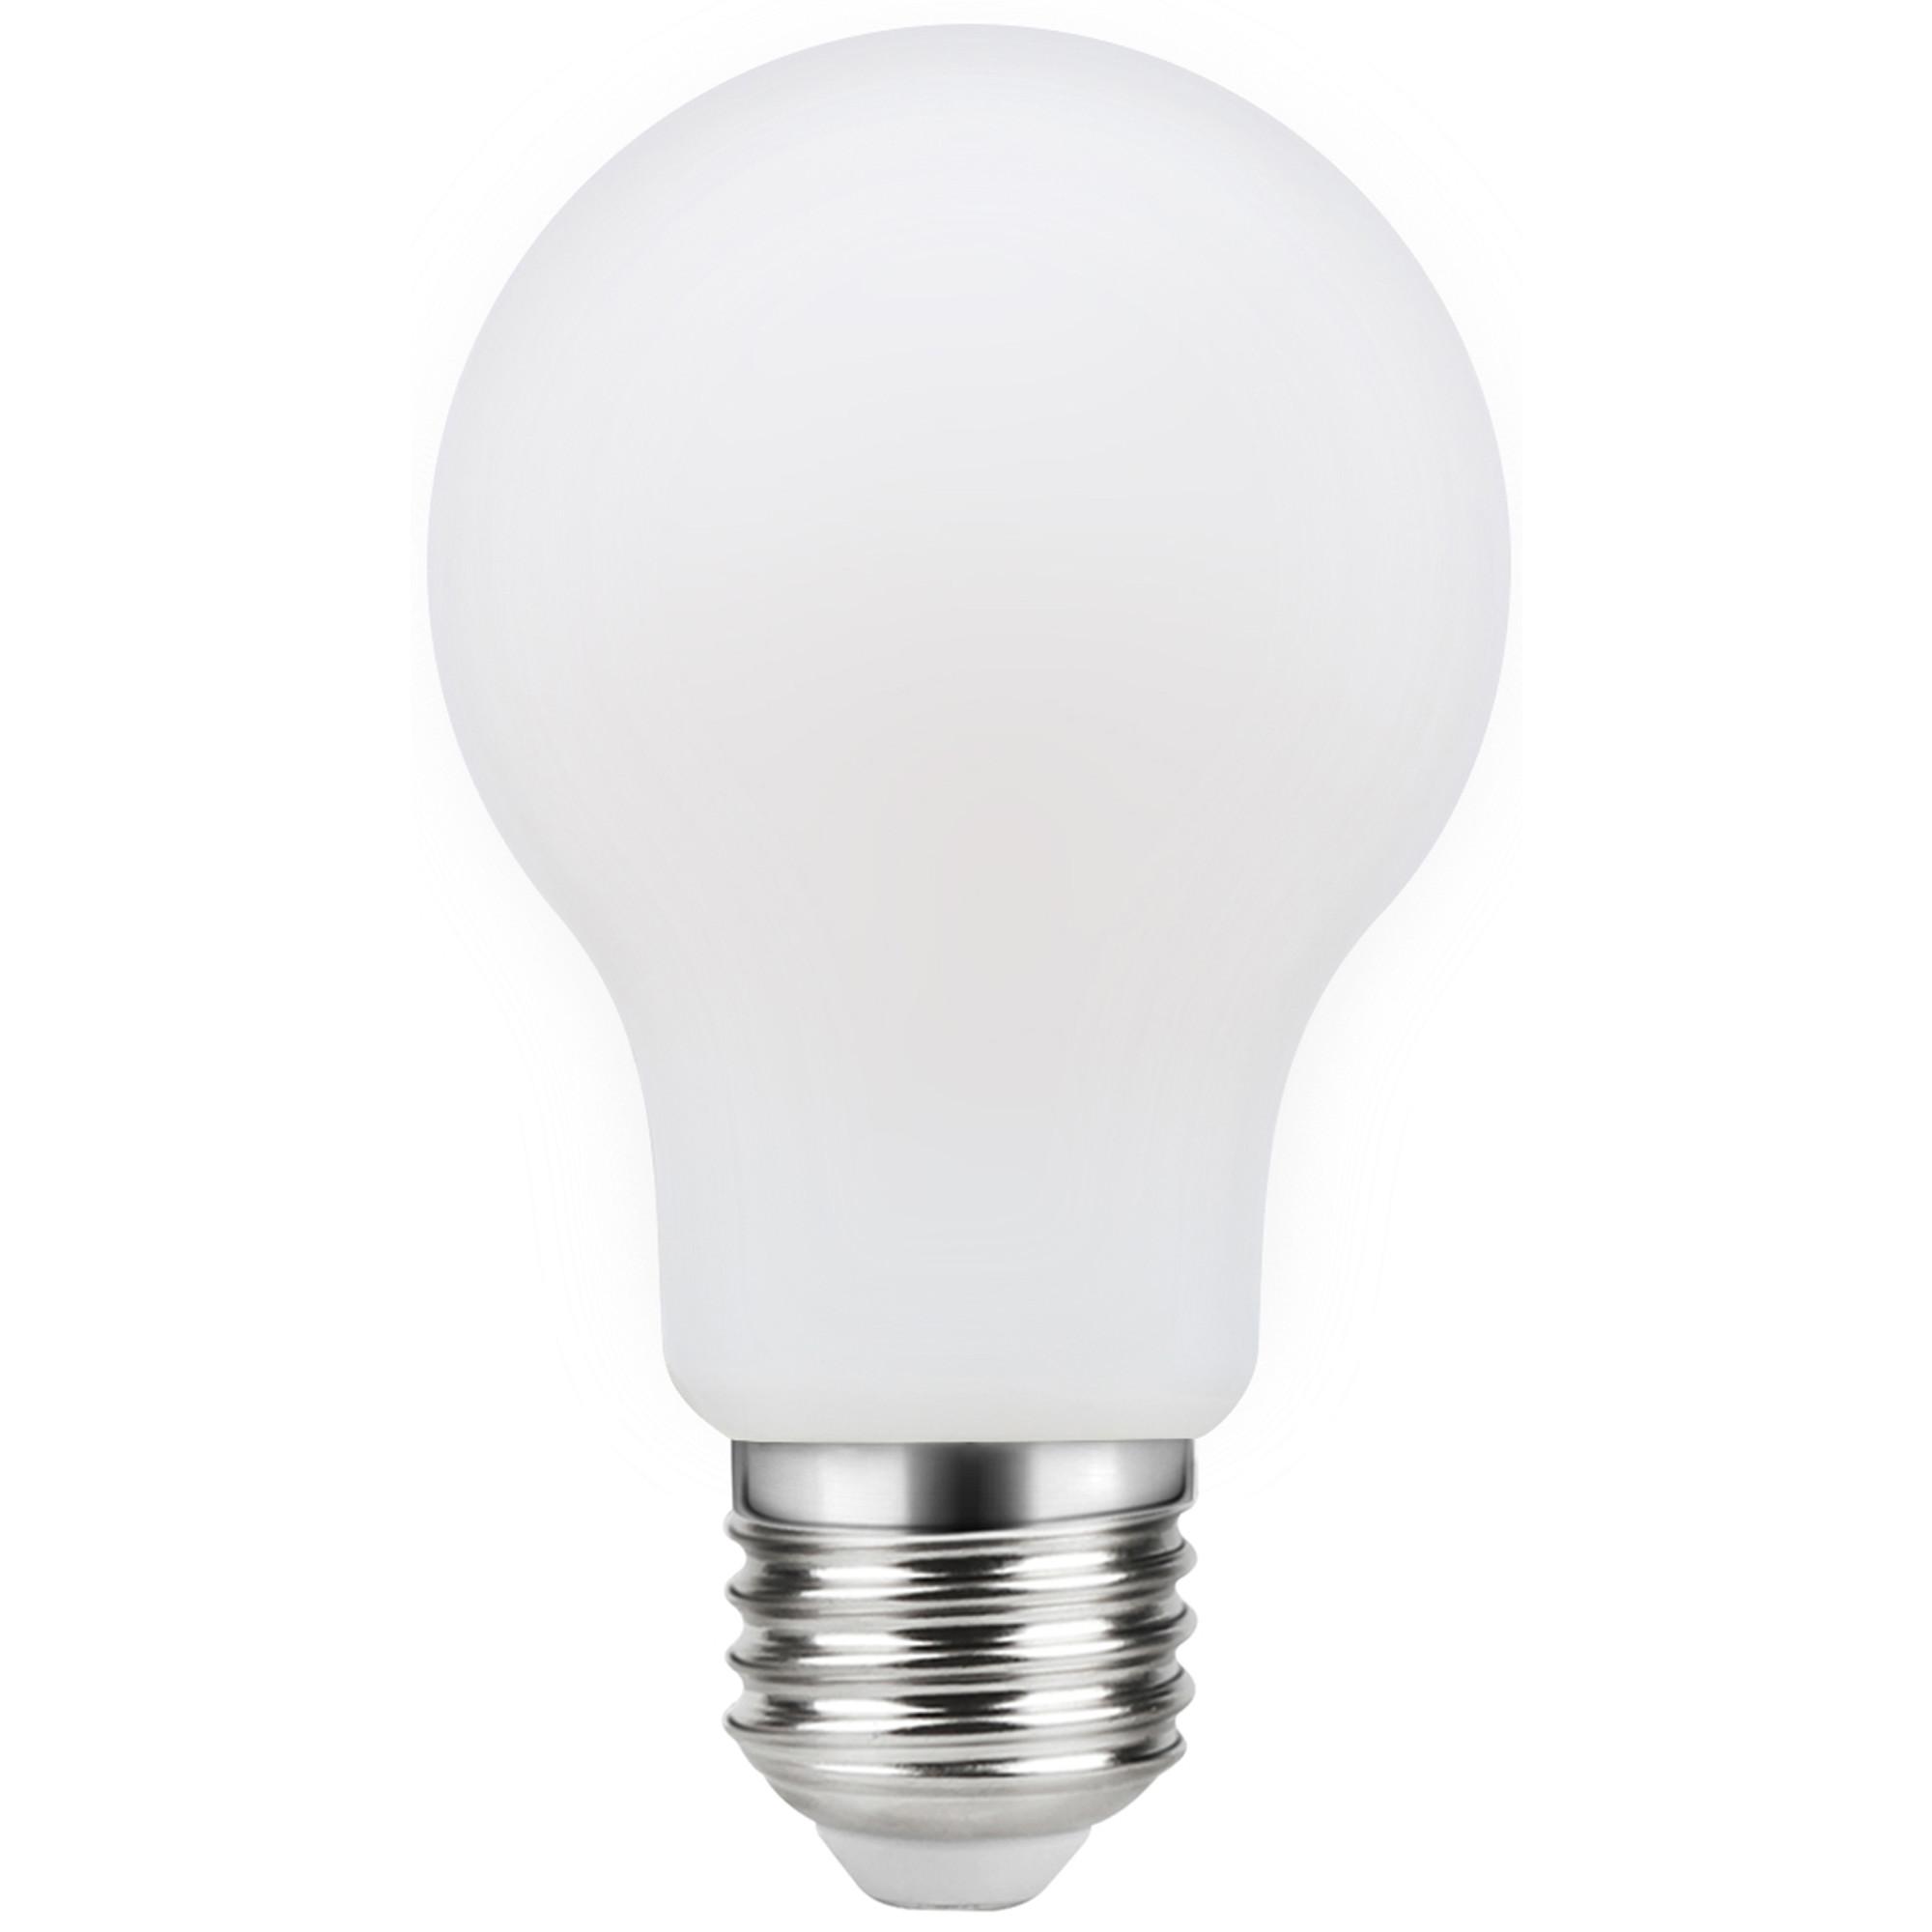 Лампа светодиодная филаментная Lexman E27 220 В 11 Вт груша матовая 1521 лм белый свет